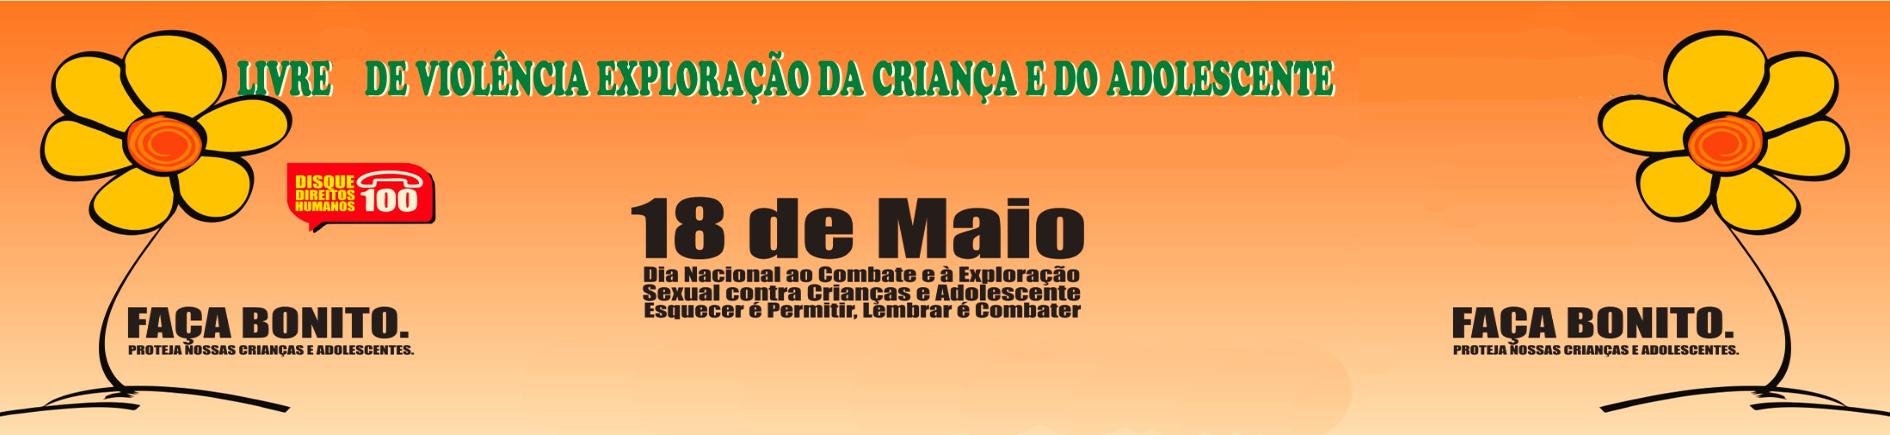 """18 de Maio - """"Dia Nacional de Combate ao Abuso e à Exploração Sexual de Crianças e Adolescentes"""